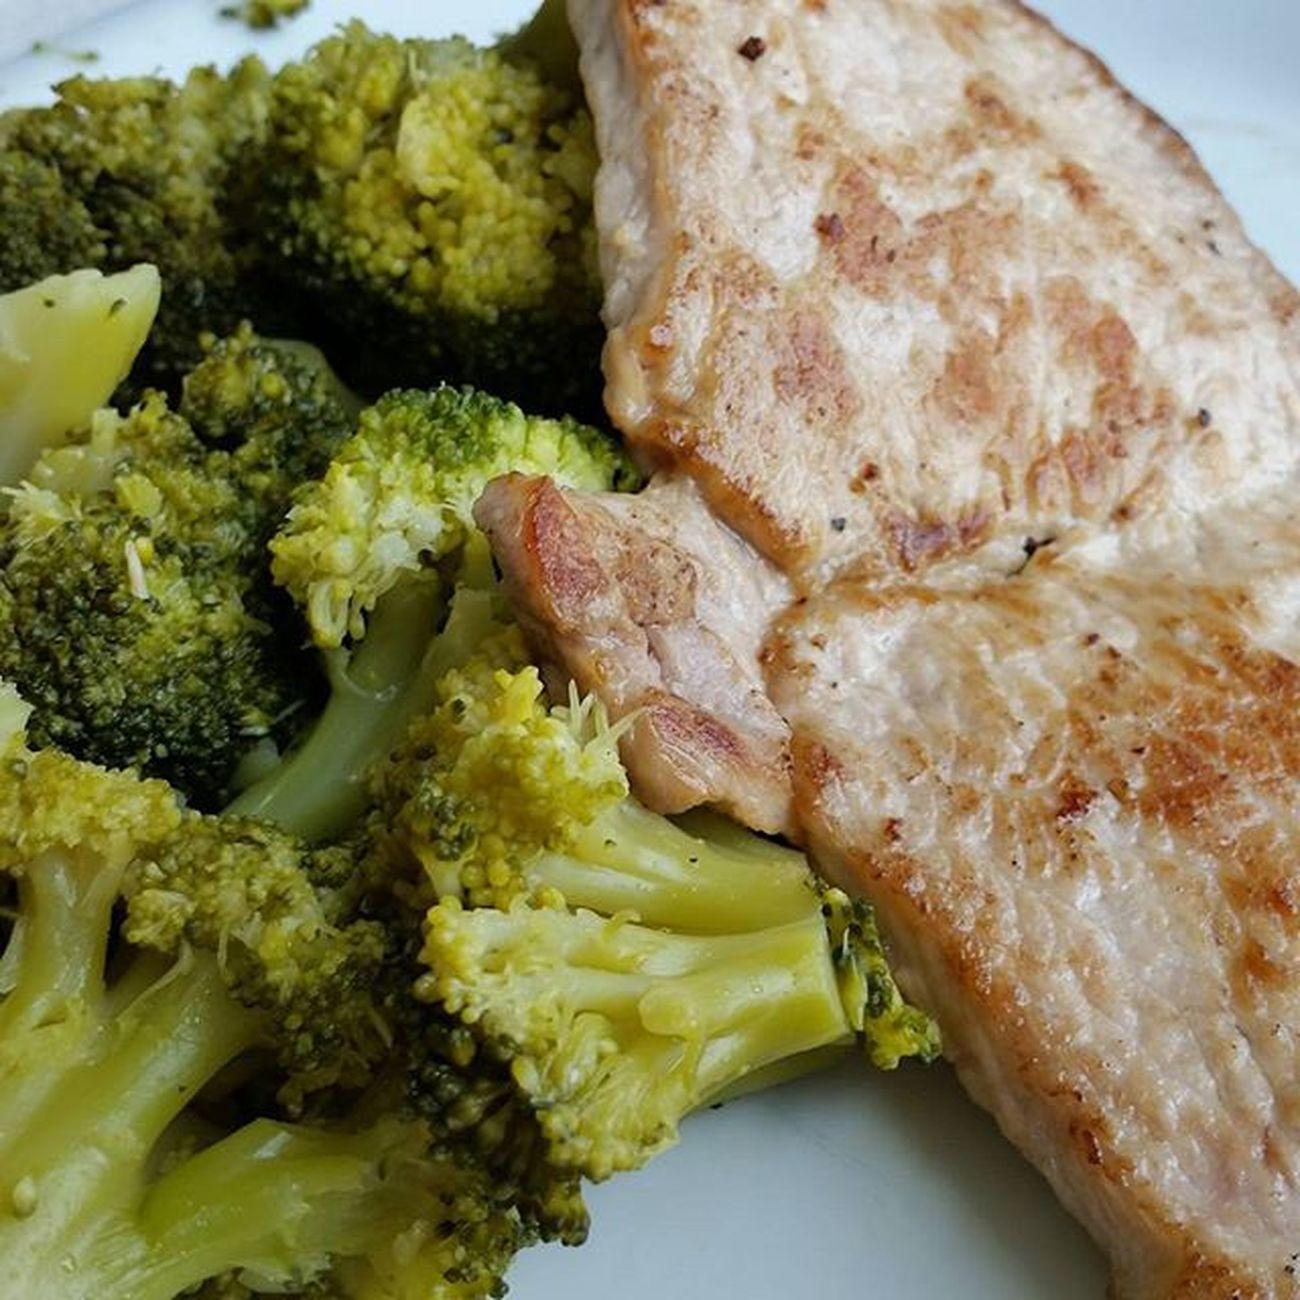 Menza Mutimiteszel Telenorhaz Foodphotography foodstagram foodiefoodies